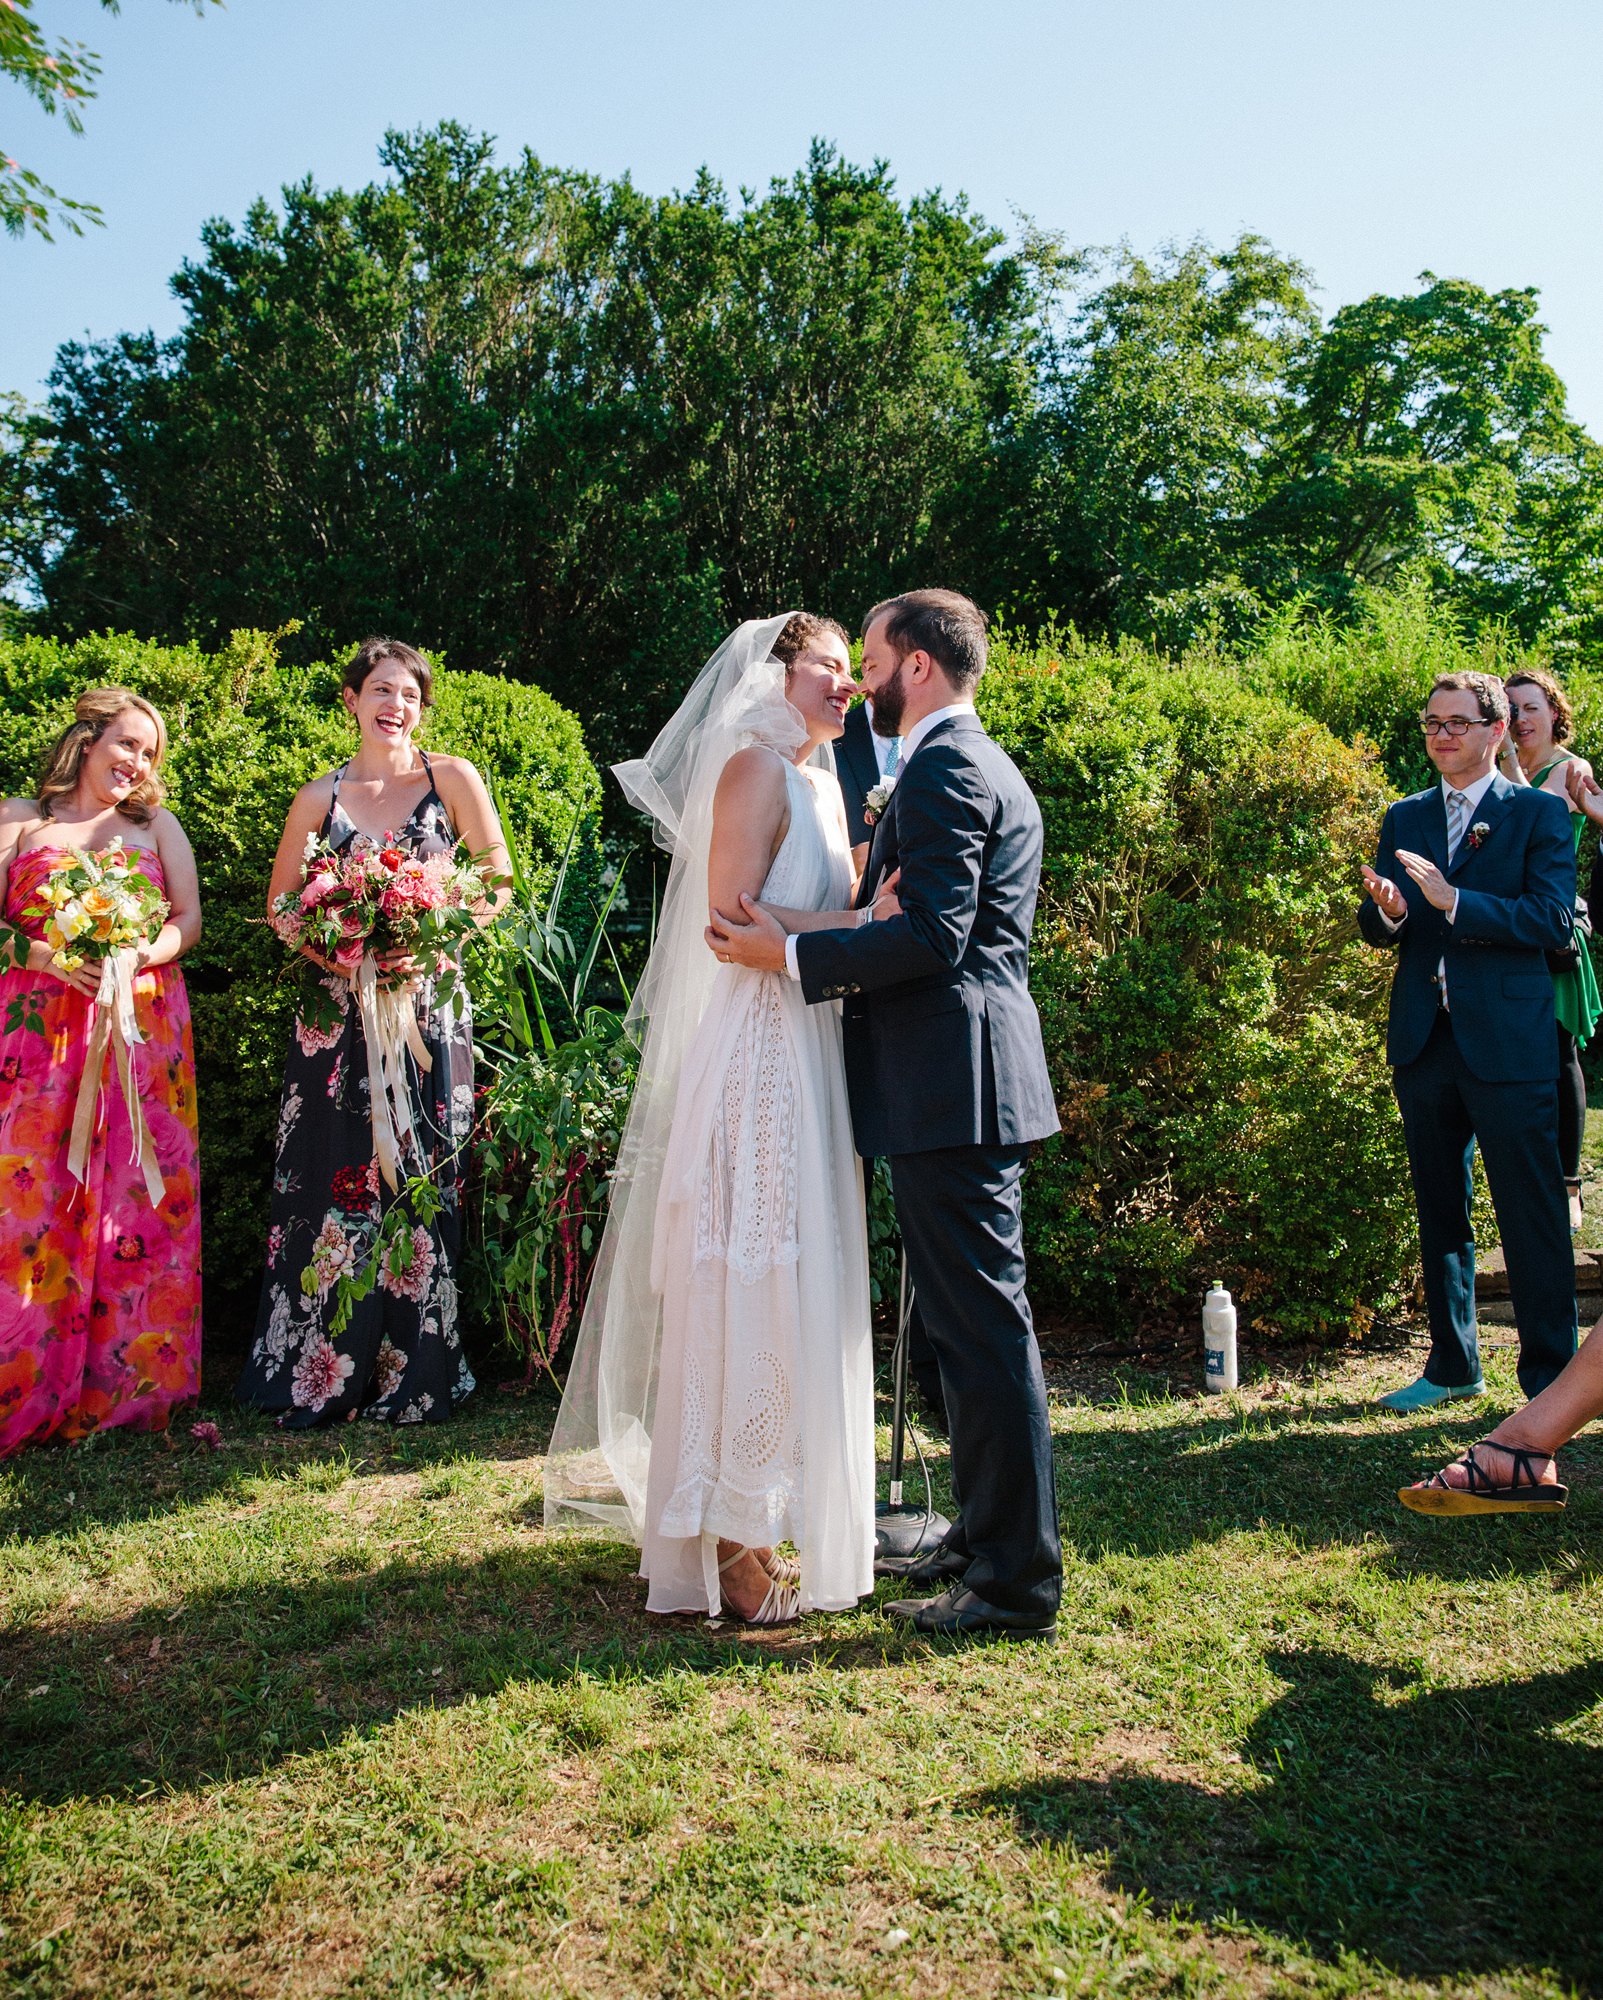 rachel-andrew-wedding-ceremony-075-s112195-0915.jpg